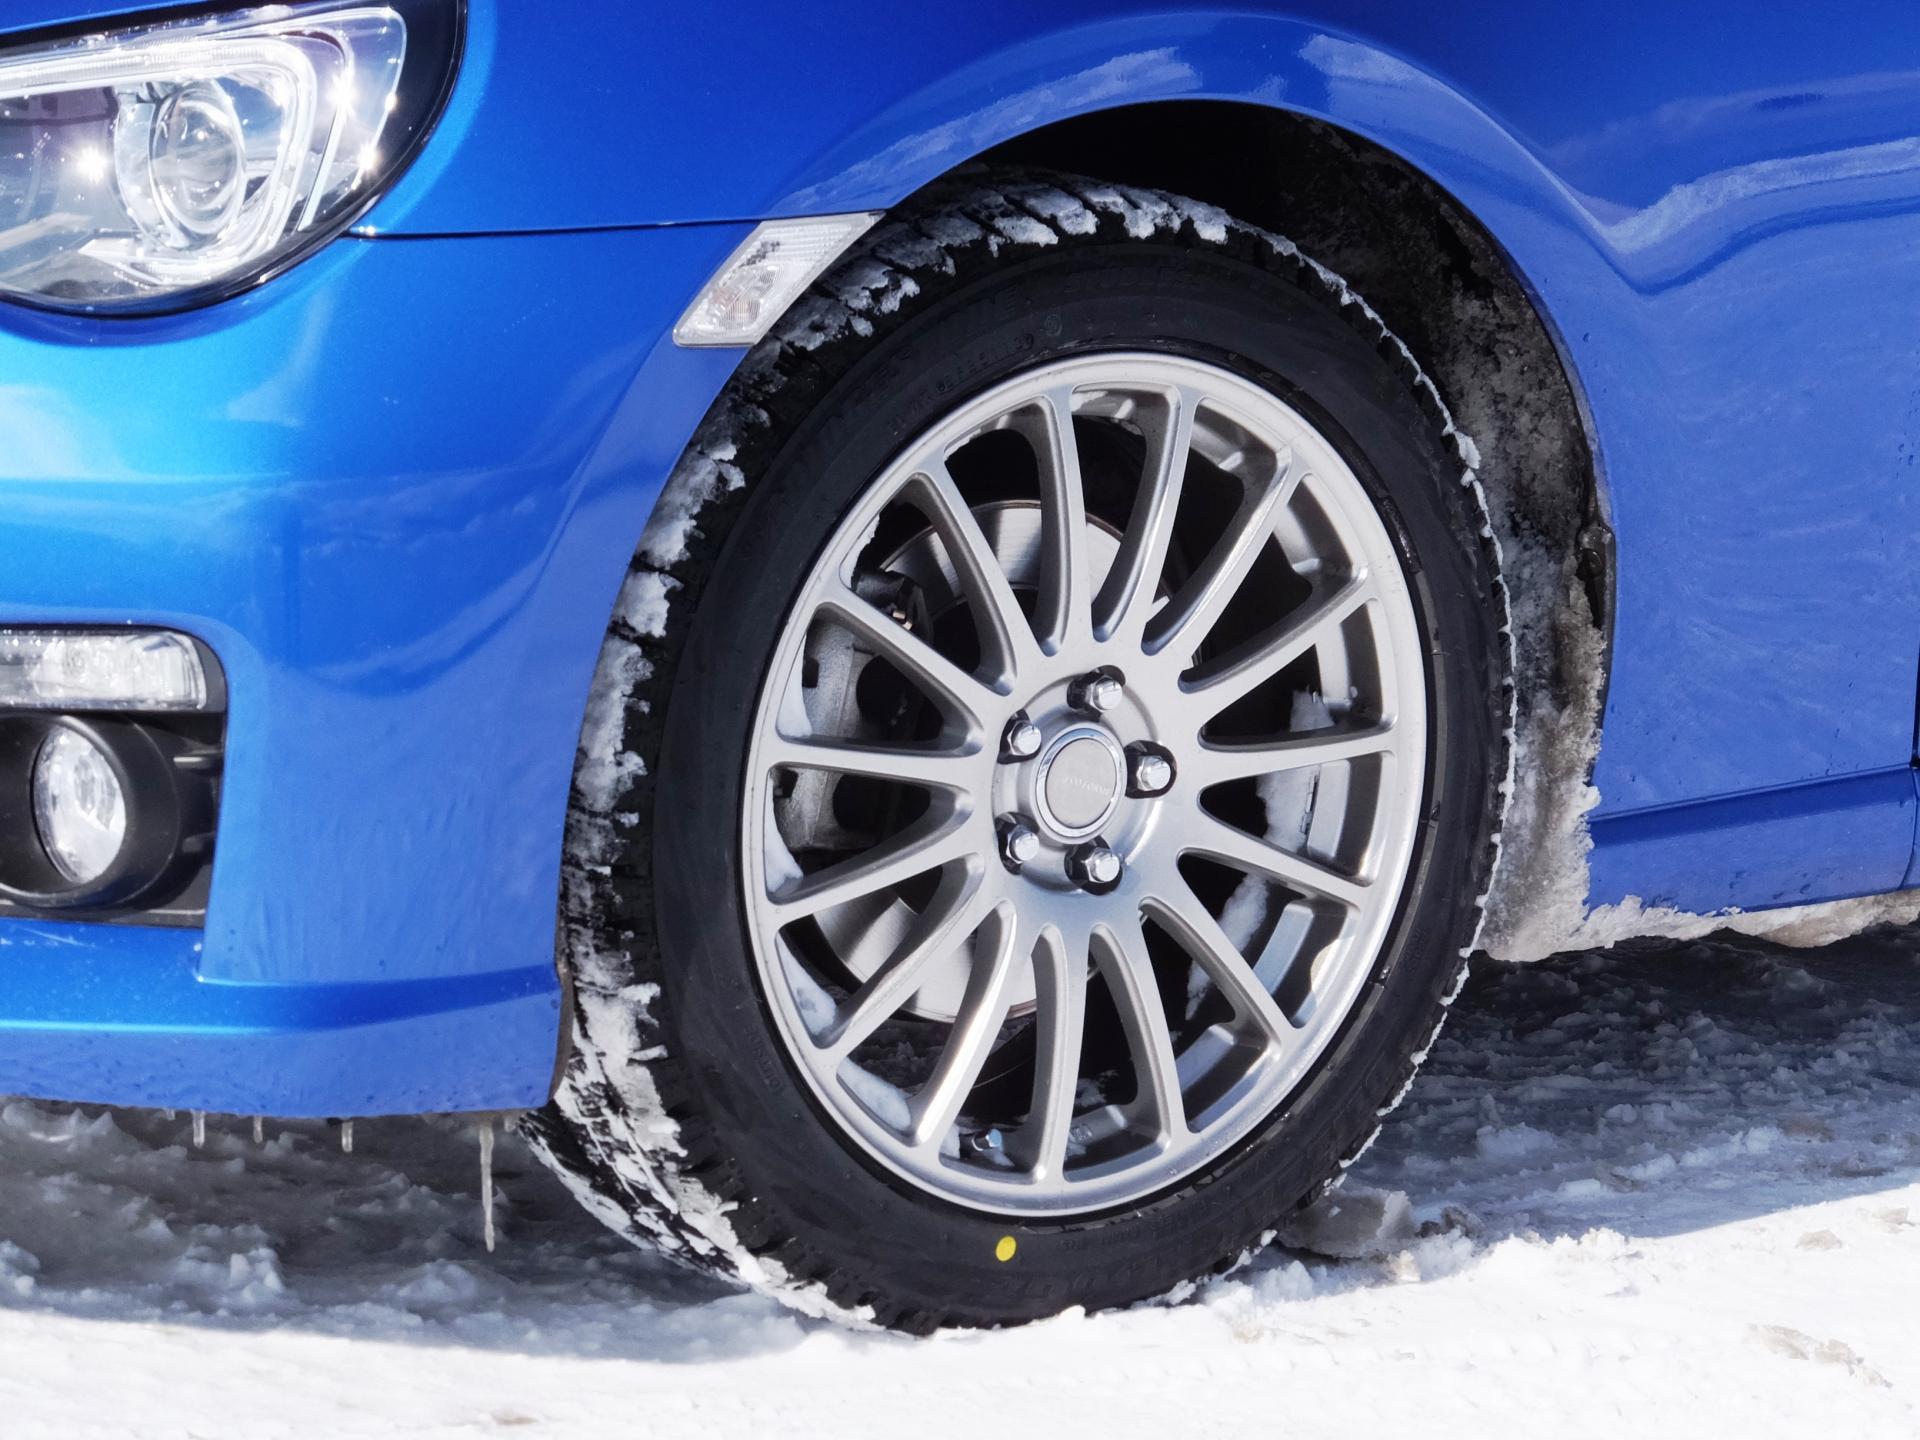 スタッドレスタイヤは凍結路面に効果的だが運転にはコツがある